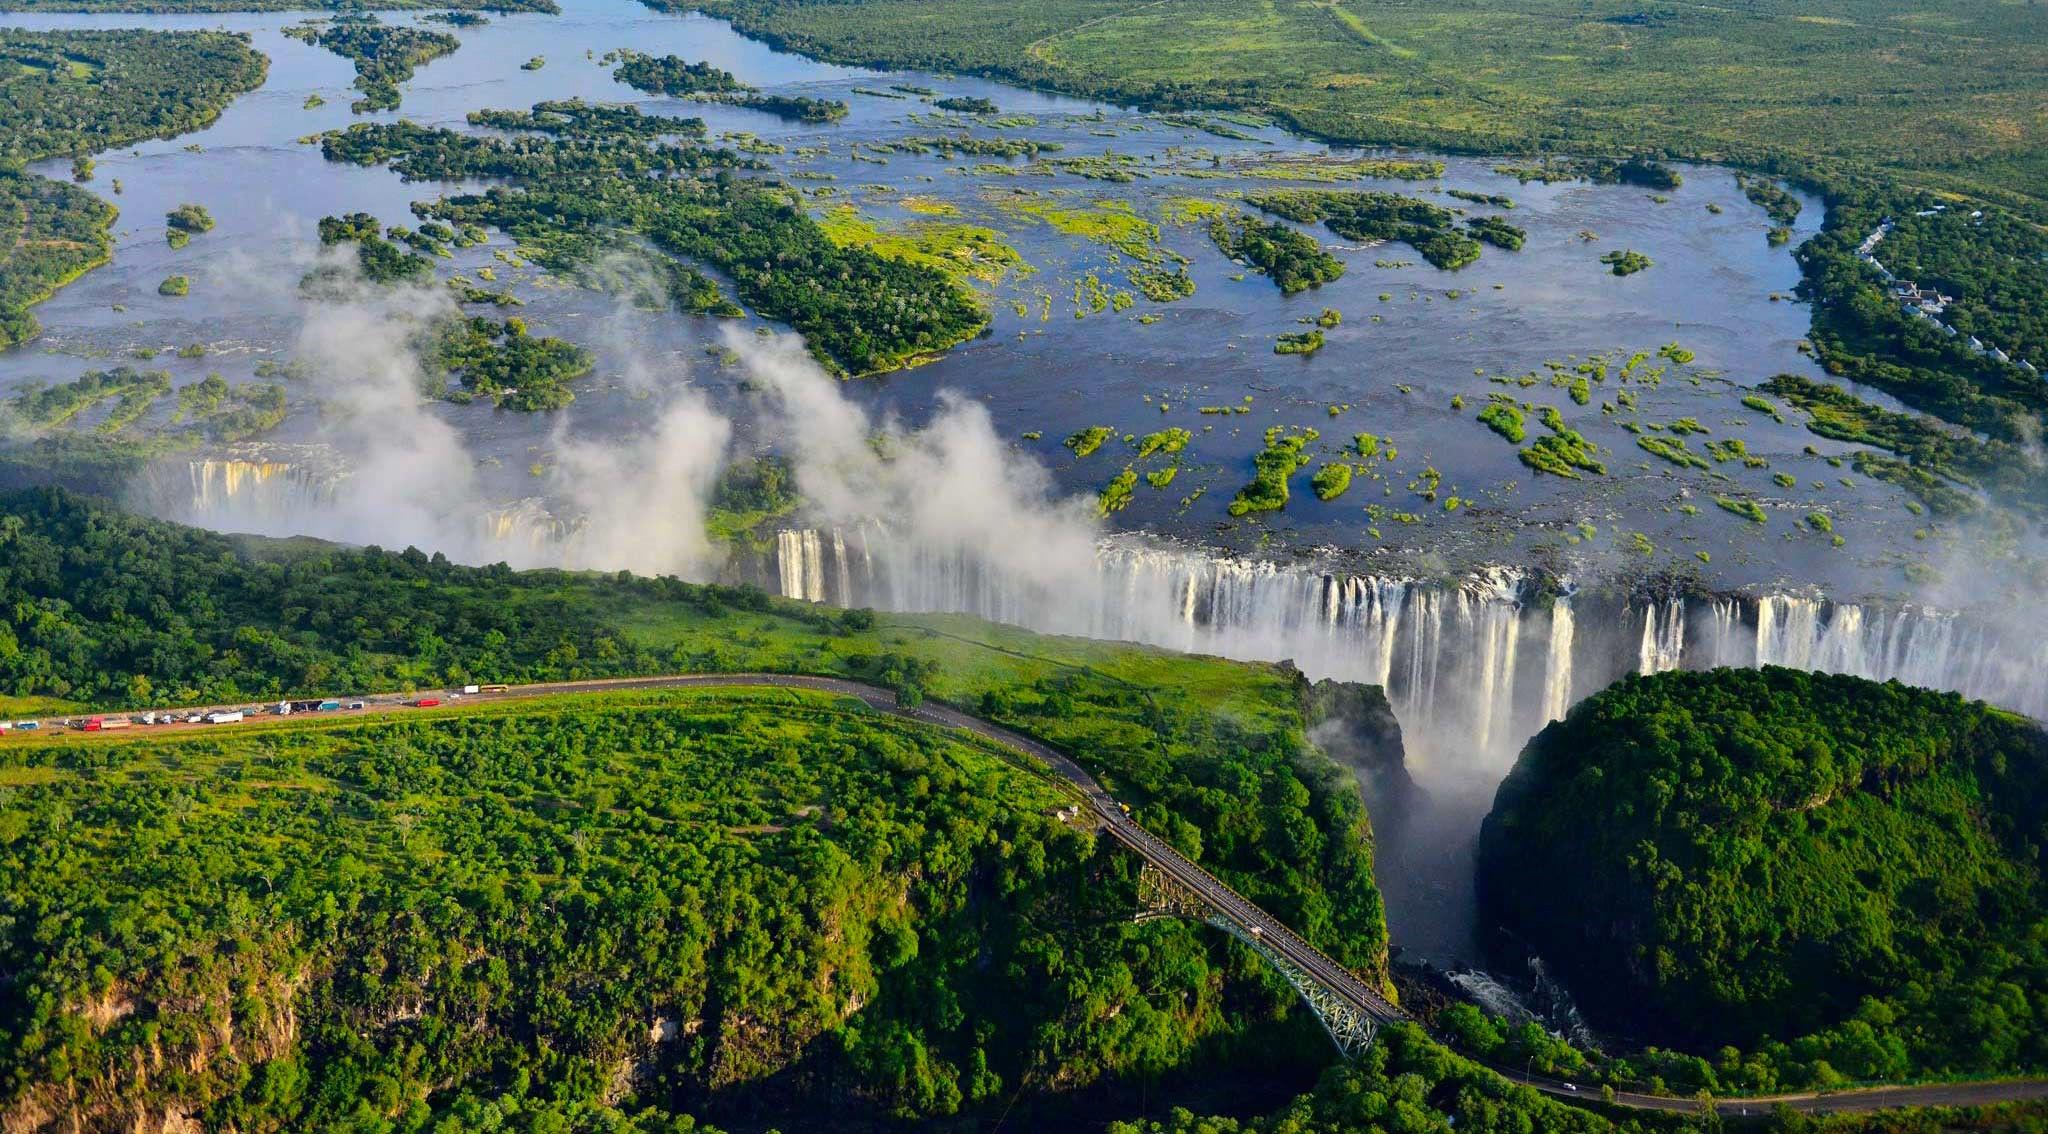 Vista aérea de las cataratas Victoria